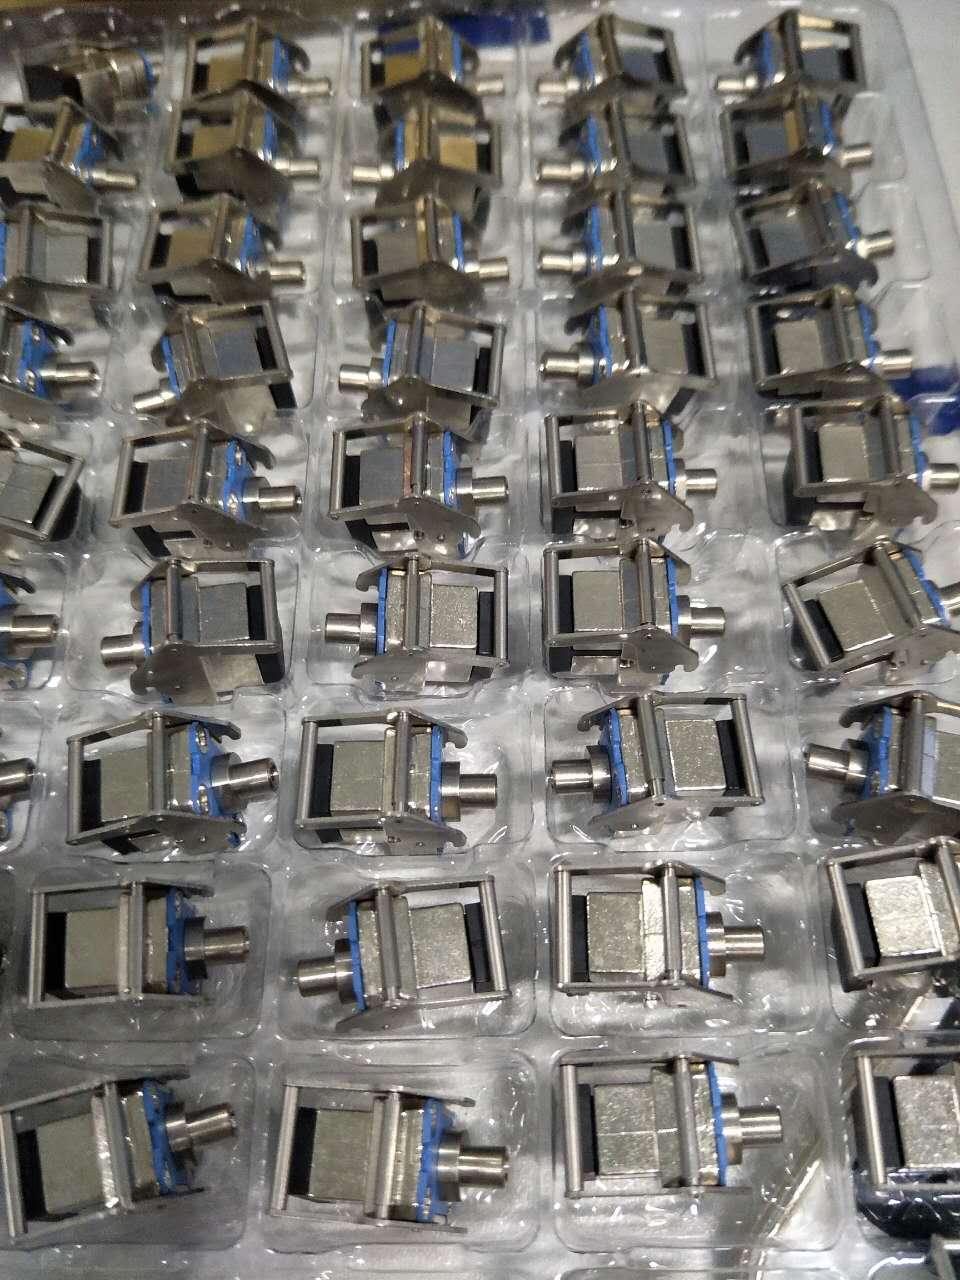 10 pcs/lot OTDR SC Adaptateur pour JDSU MTS-5000/4000 MTS-6000 Anritsu MT9083A8/9081/9082/9090 Yokogawa AQ7275 AQ1200 AQ7260 AQ7270